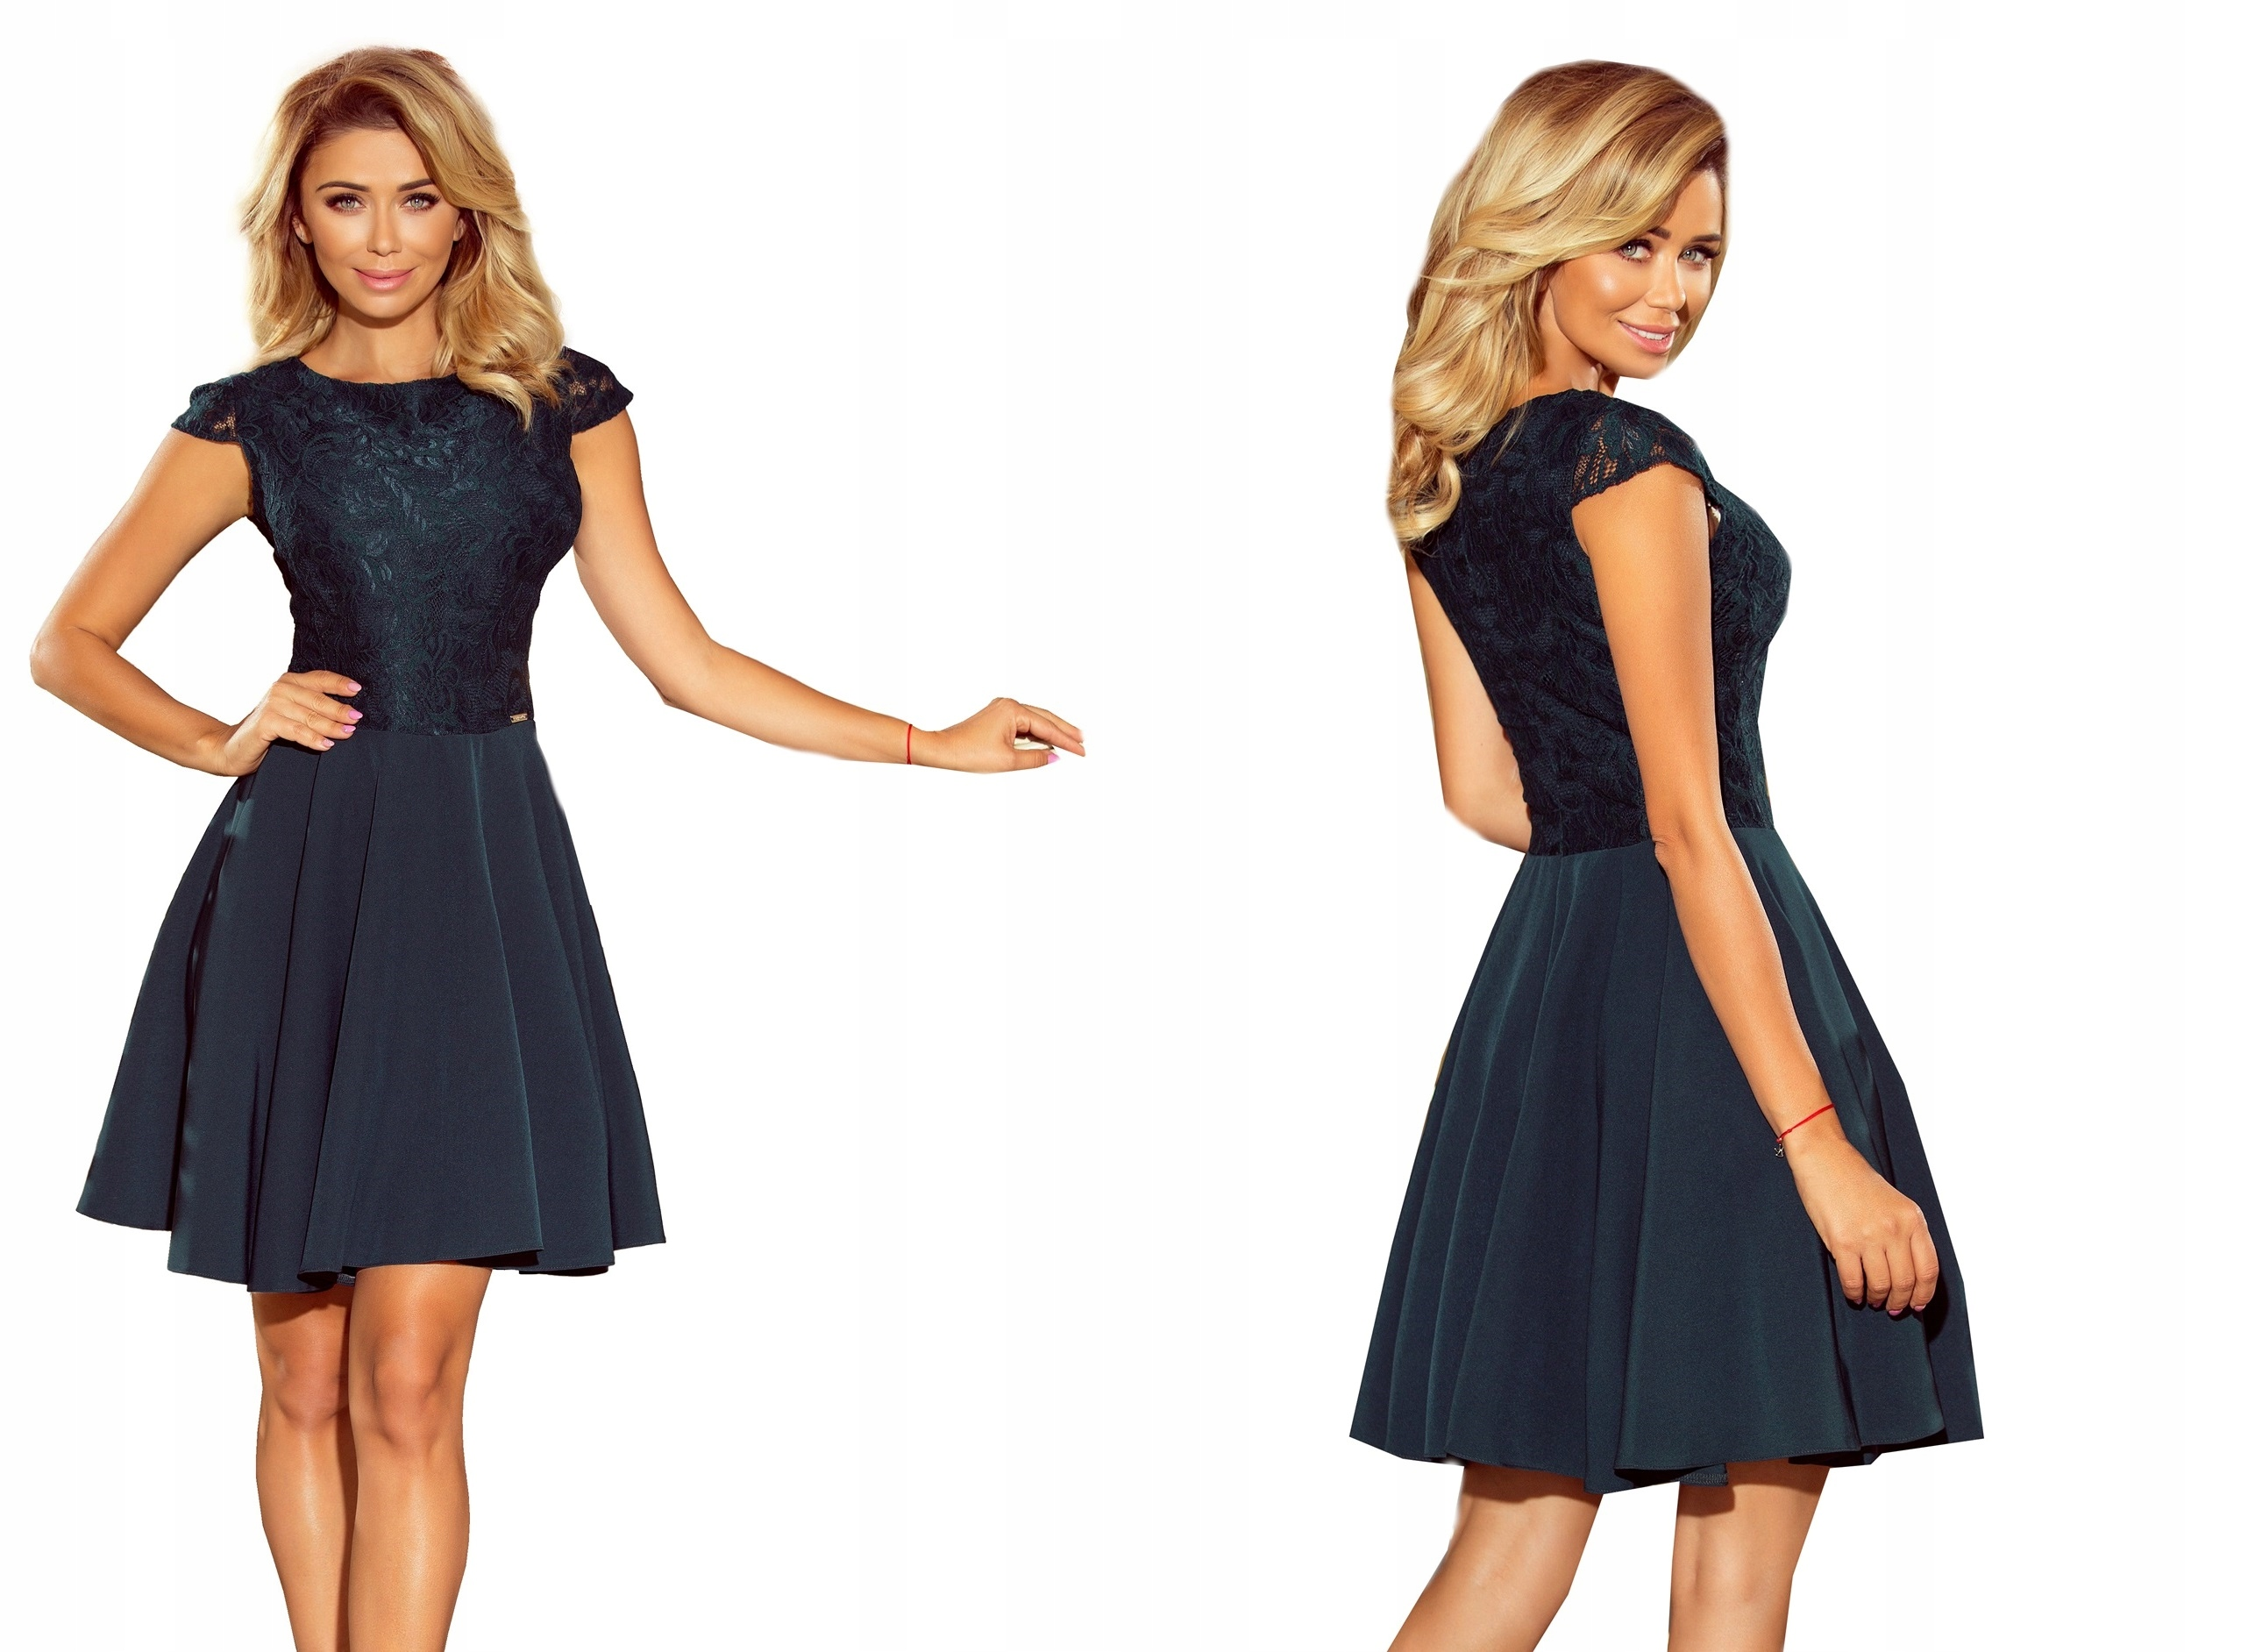 65402fd1e2 Sukienki NA STUDNIÓWKĘ DUŻE ROZMIARY 157-9 XXL 44 7588110111 - Allegro.pl